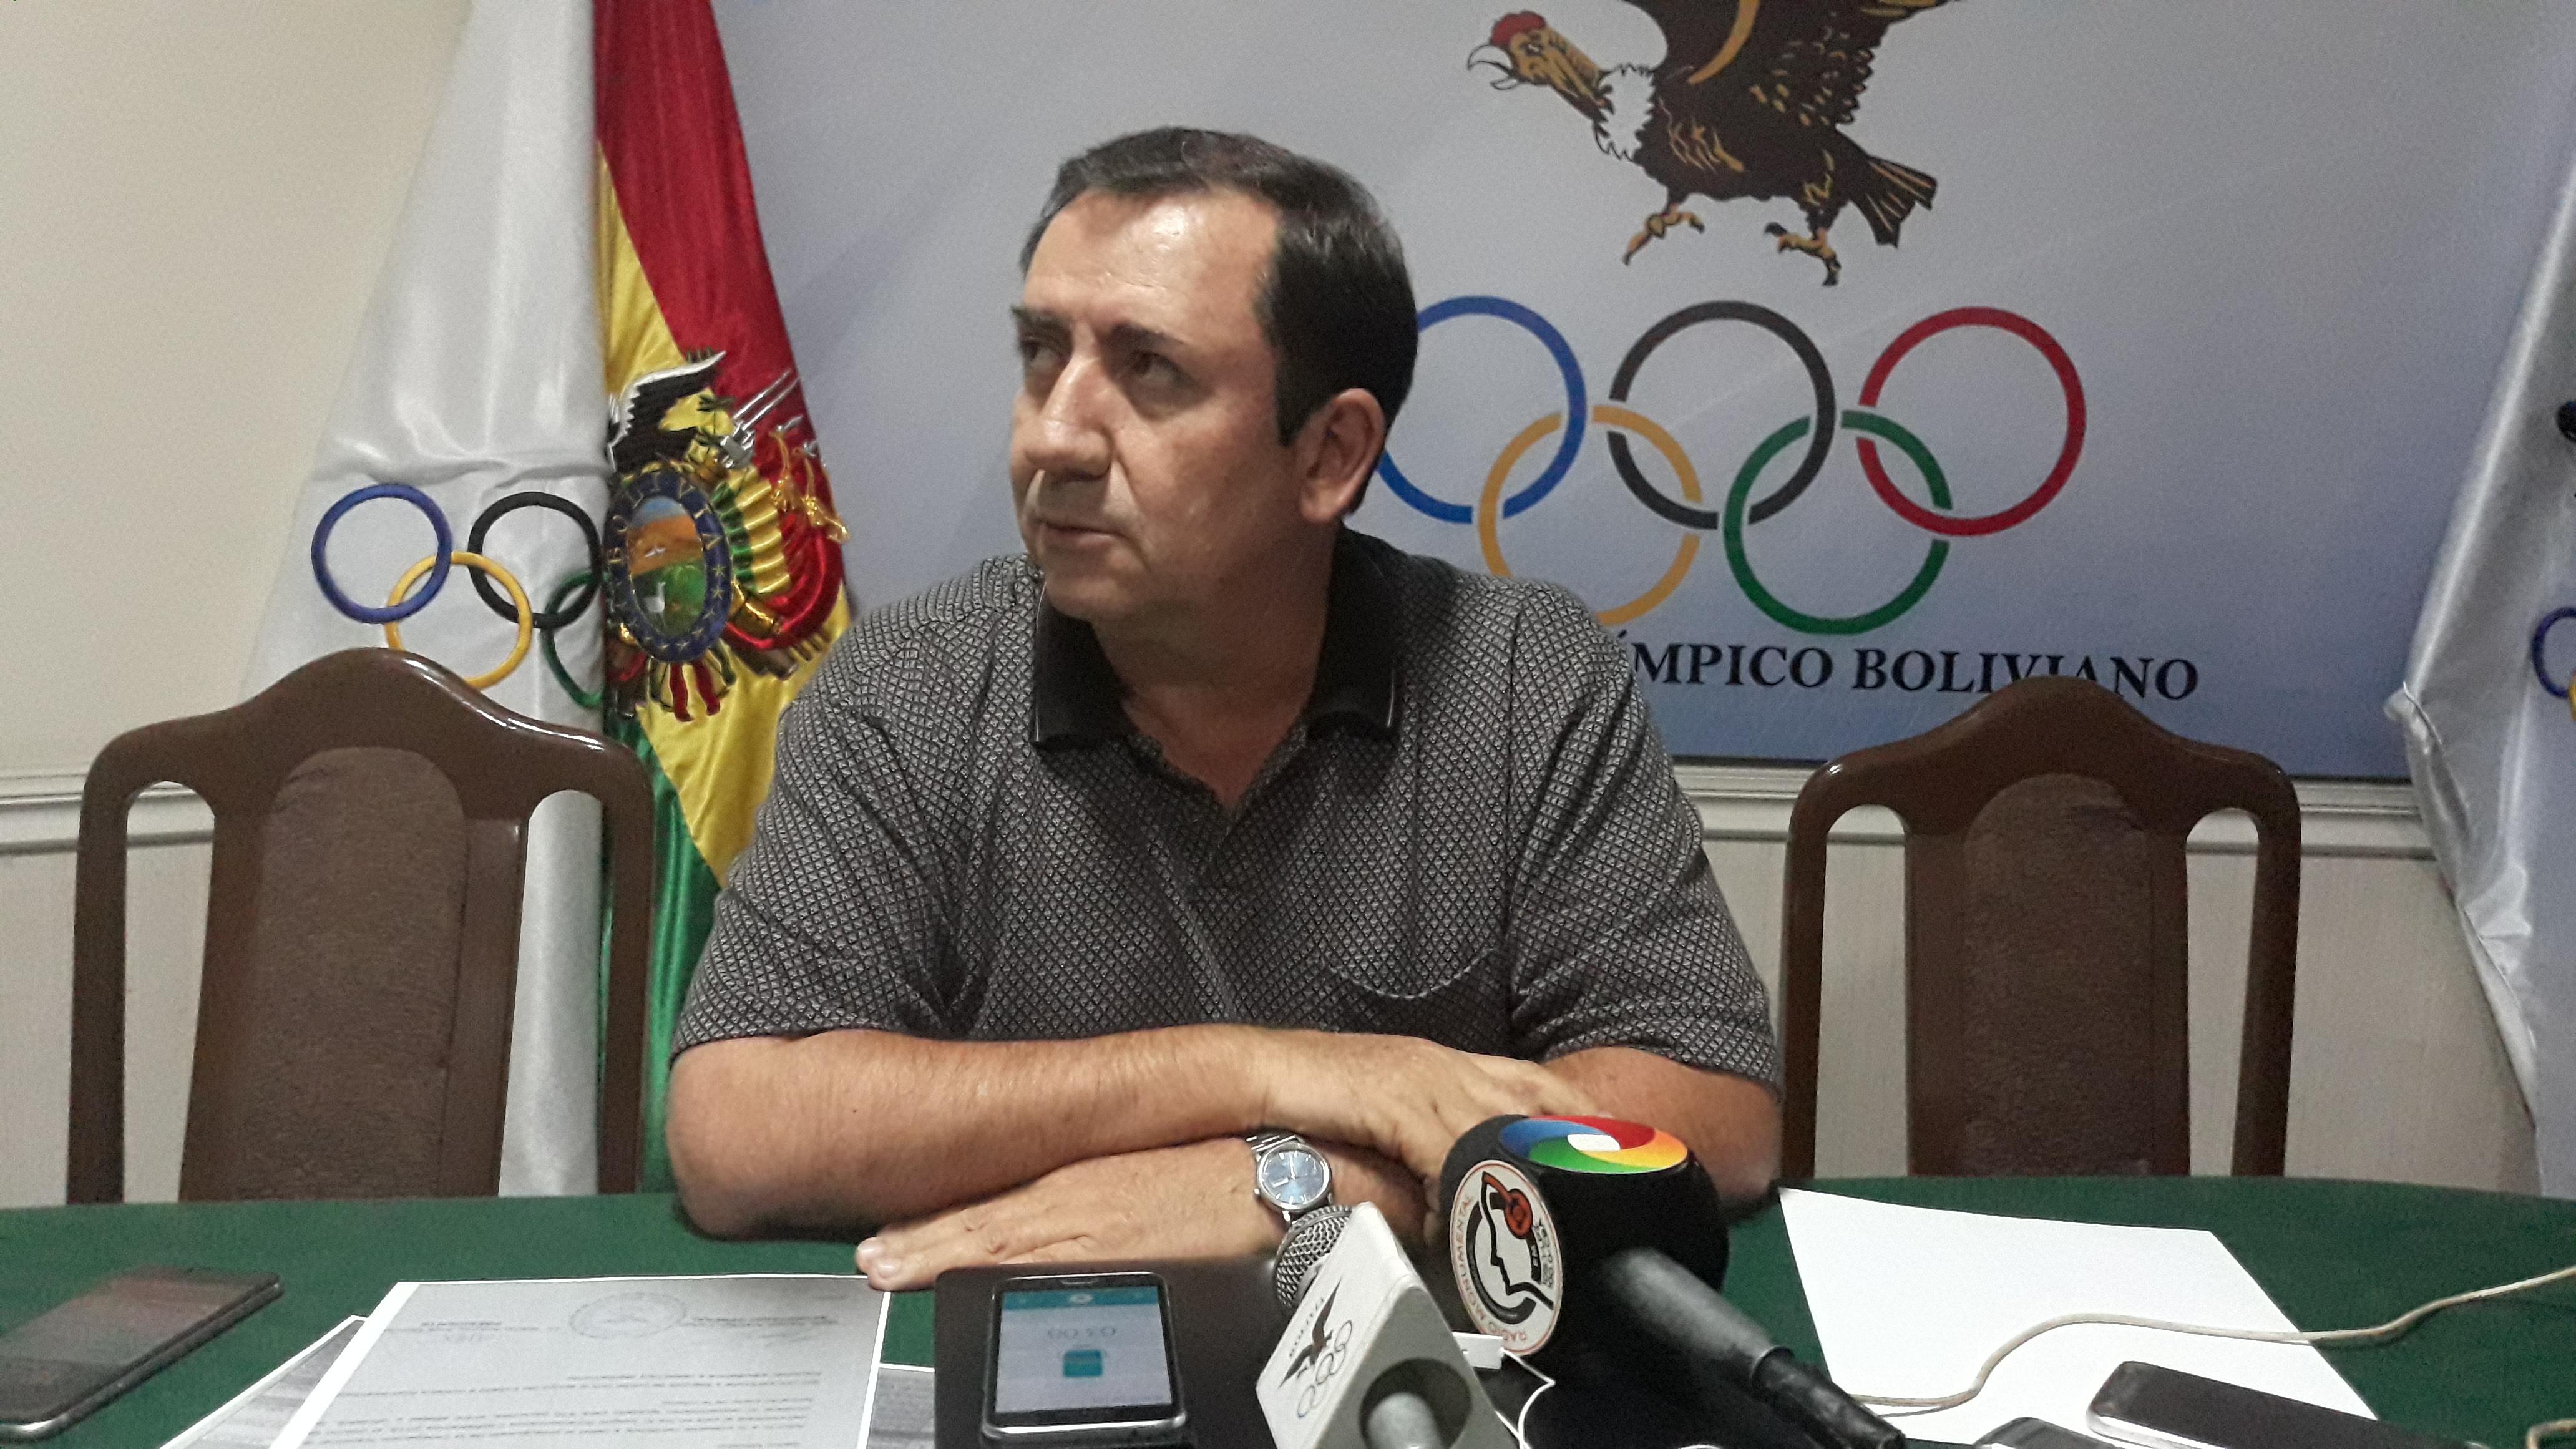 COMITÉ OLIMPICO BOLIVIANO PIDE APOYO AL MINISTERIO DE DEPORTES PARA LA PREPARACIÓN DE ATLETAS